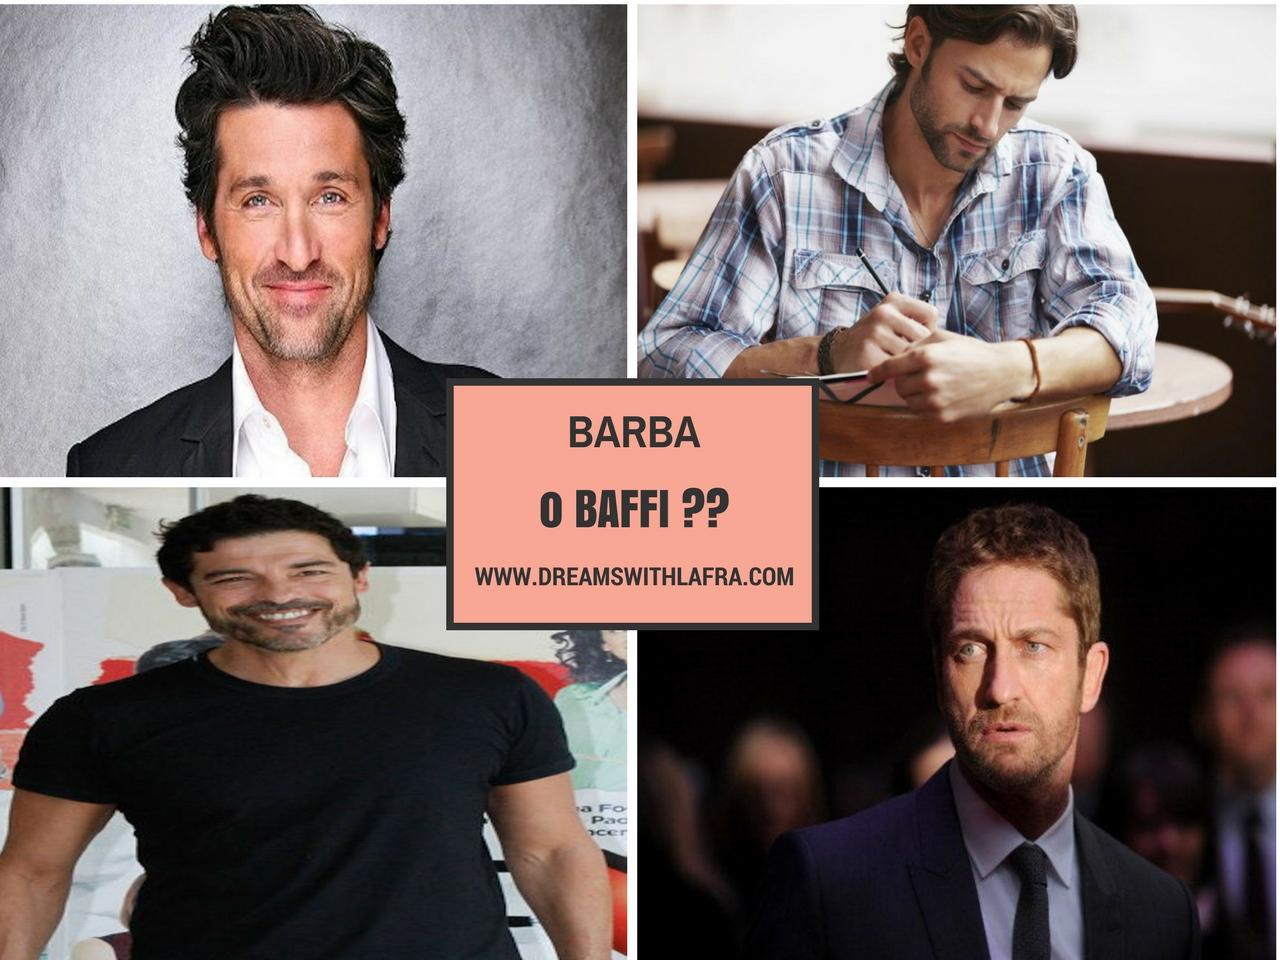 Che tipo di rasatura scegliere: barba o baffi?!